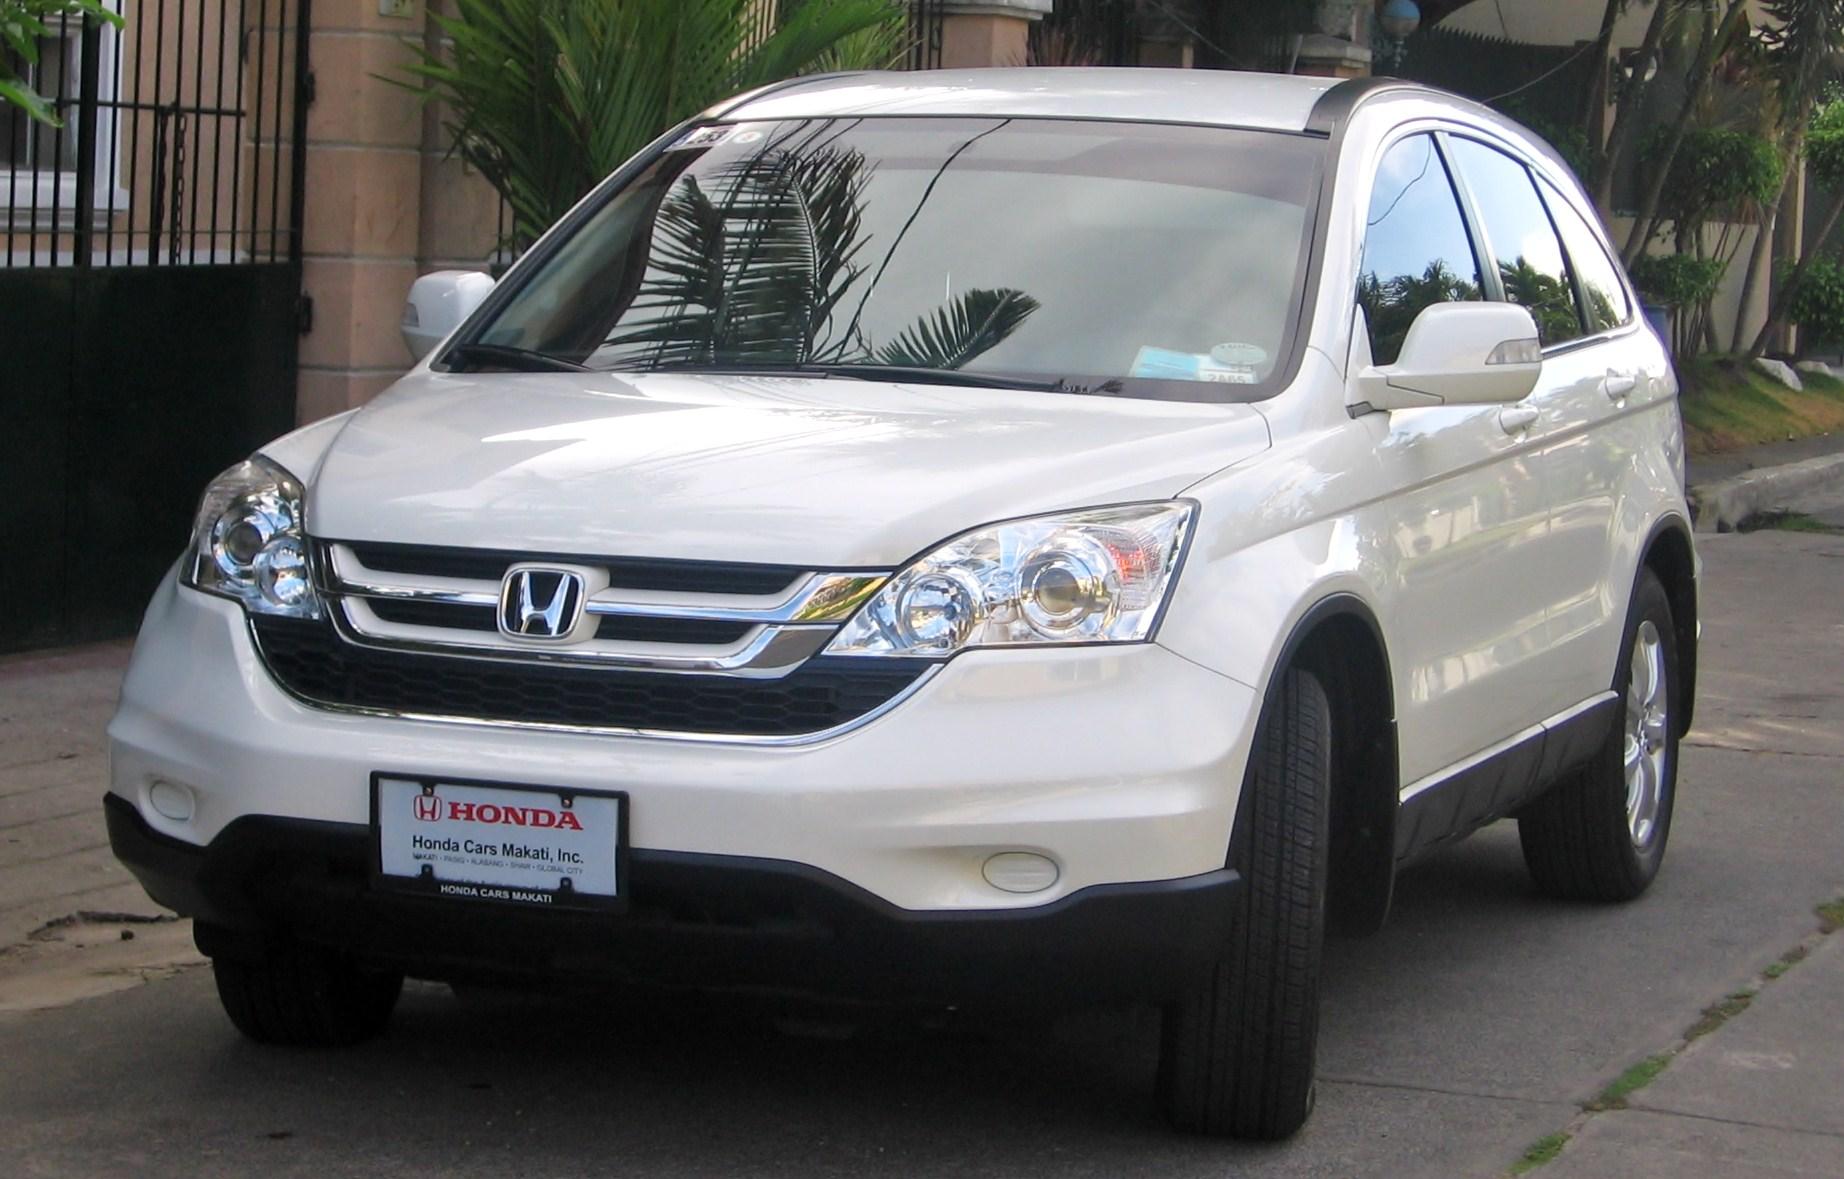 Kelebihan Kekurangan Honda Crv Bekas Tangguh